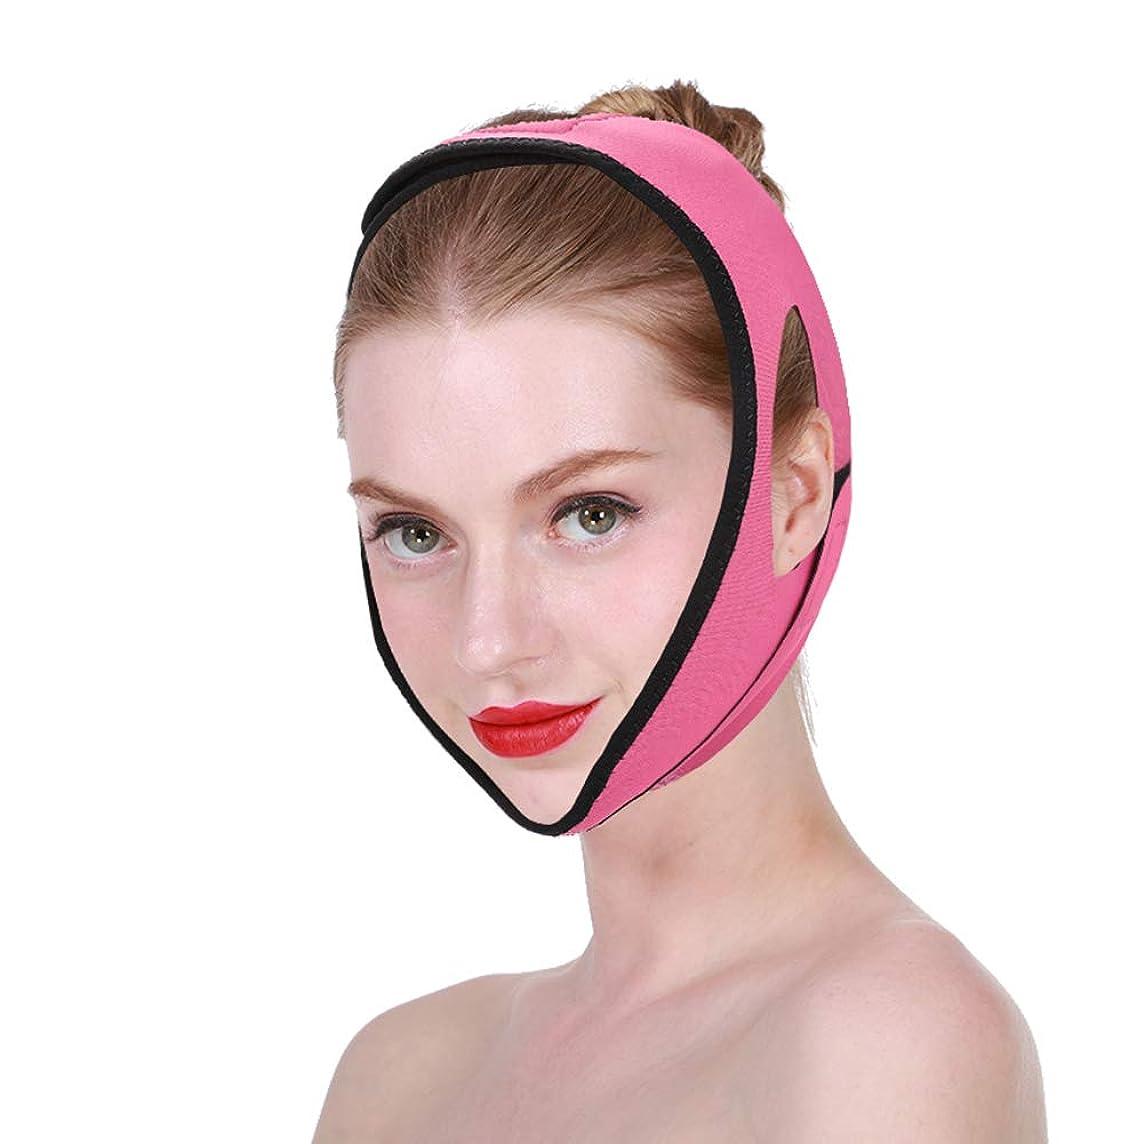 類推改善置き場フェイシャルスリミングマスク、フェイスベルト 顔の包帯スリミングダブルチンVラインとフェイシャルケアファーミングスキン超薄型 クラインベルト